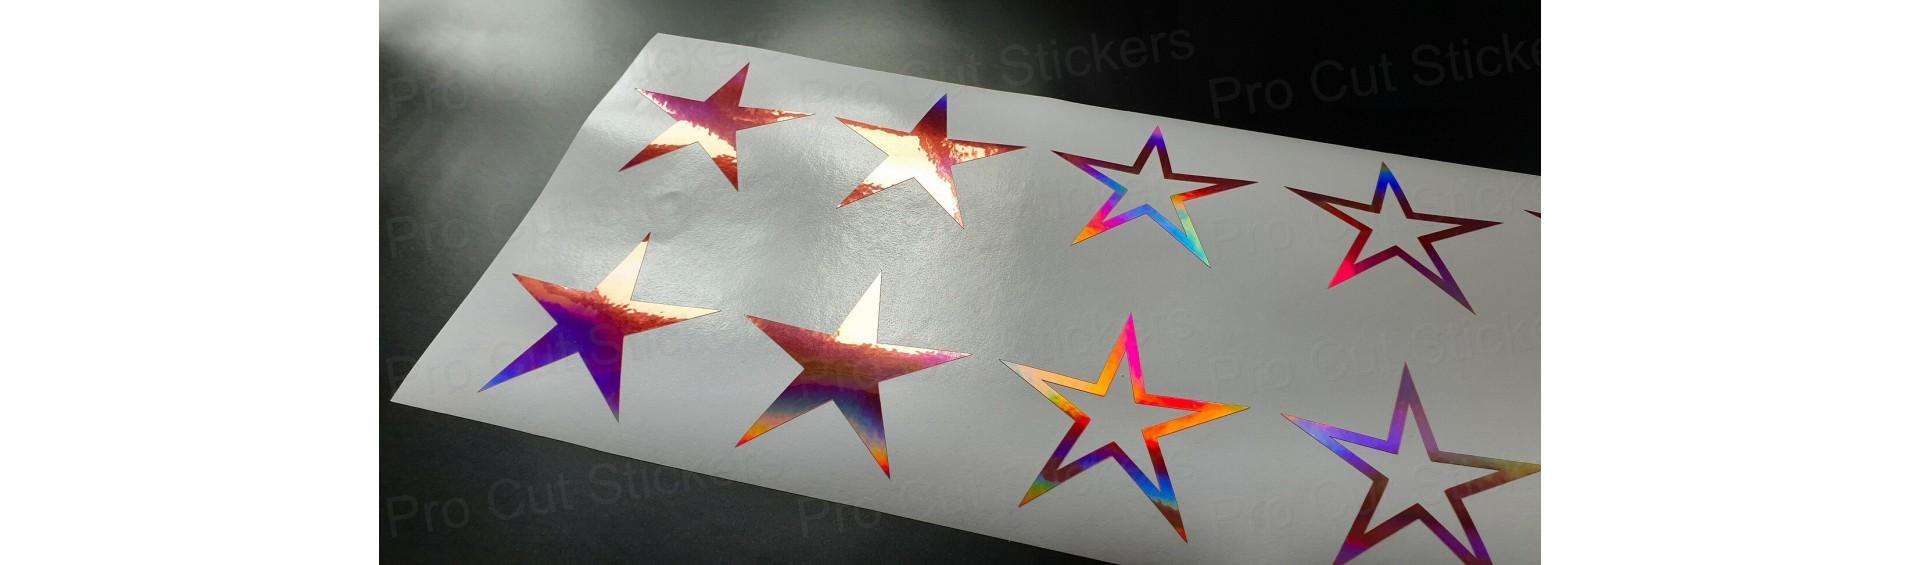 Stars & Paint Splat Stickers